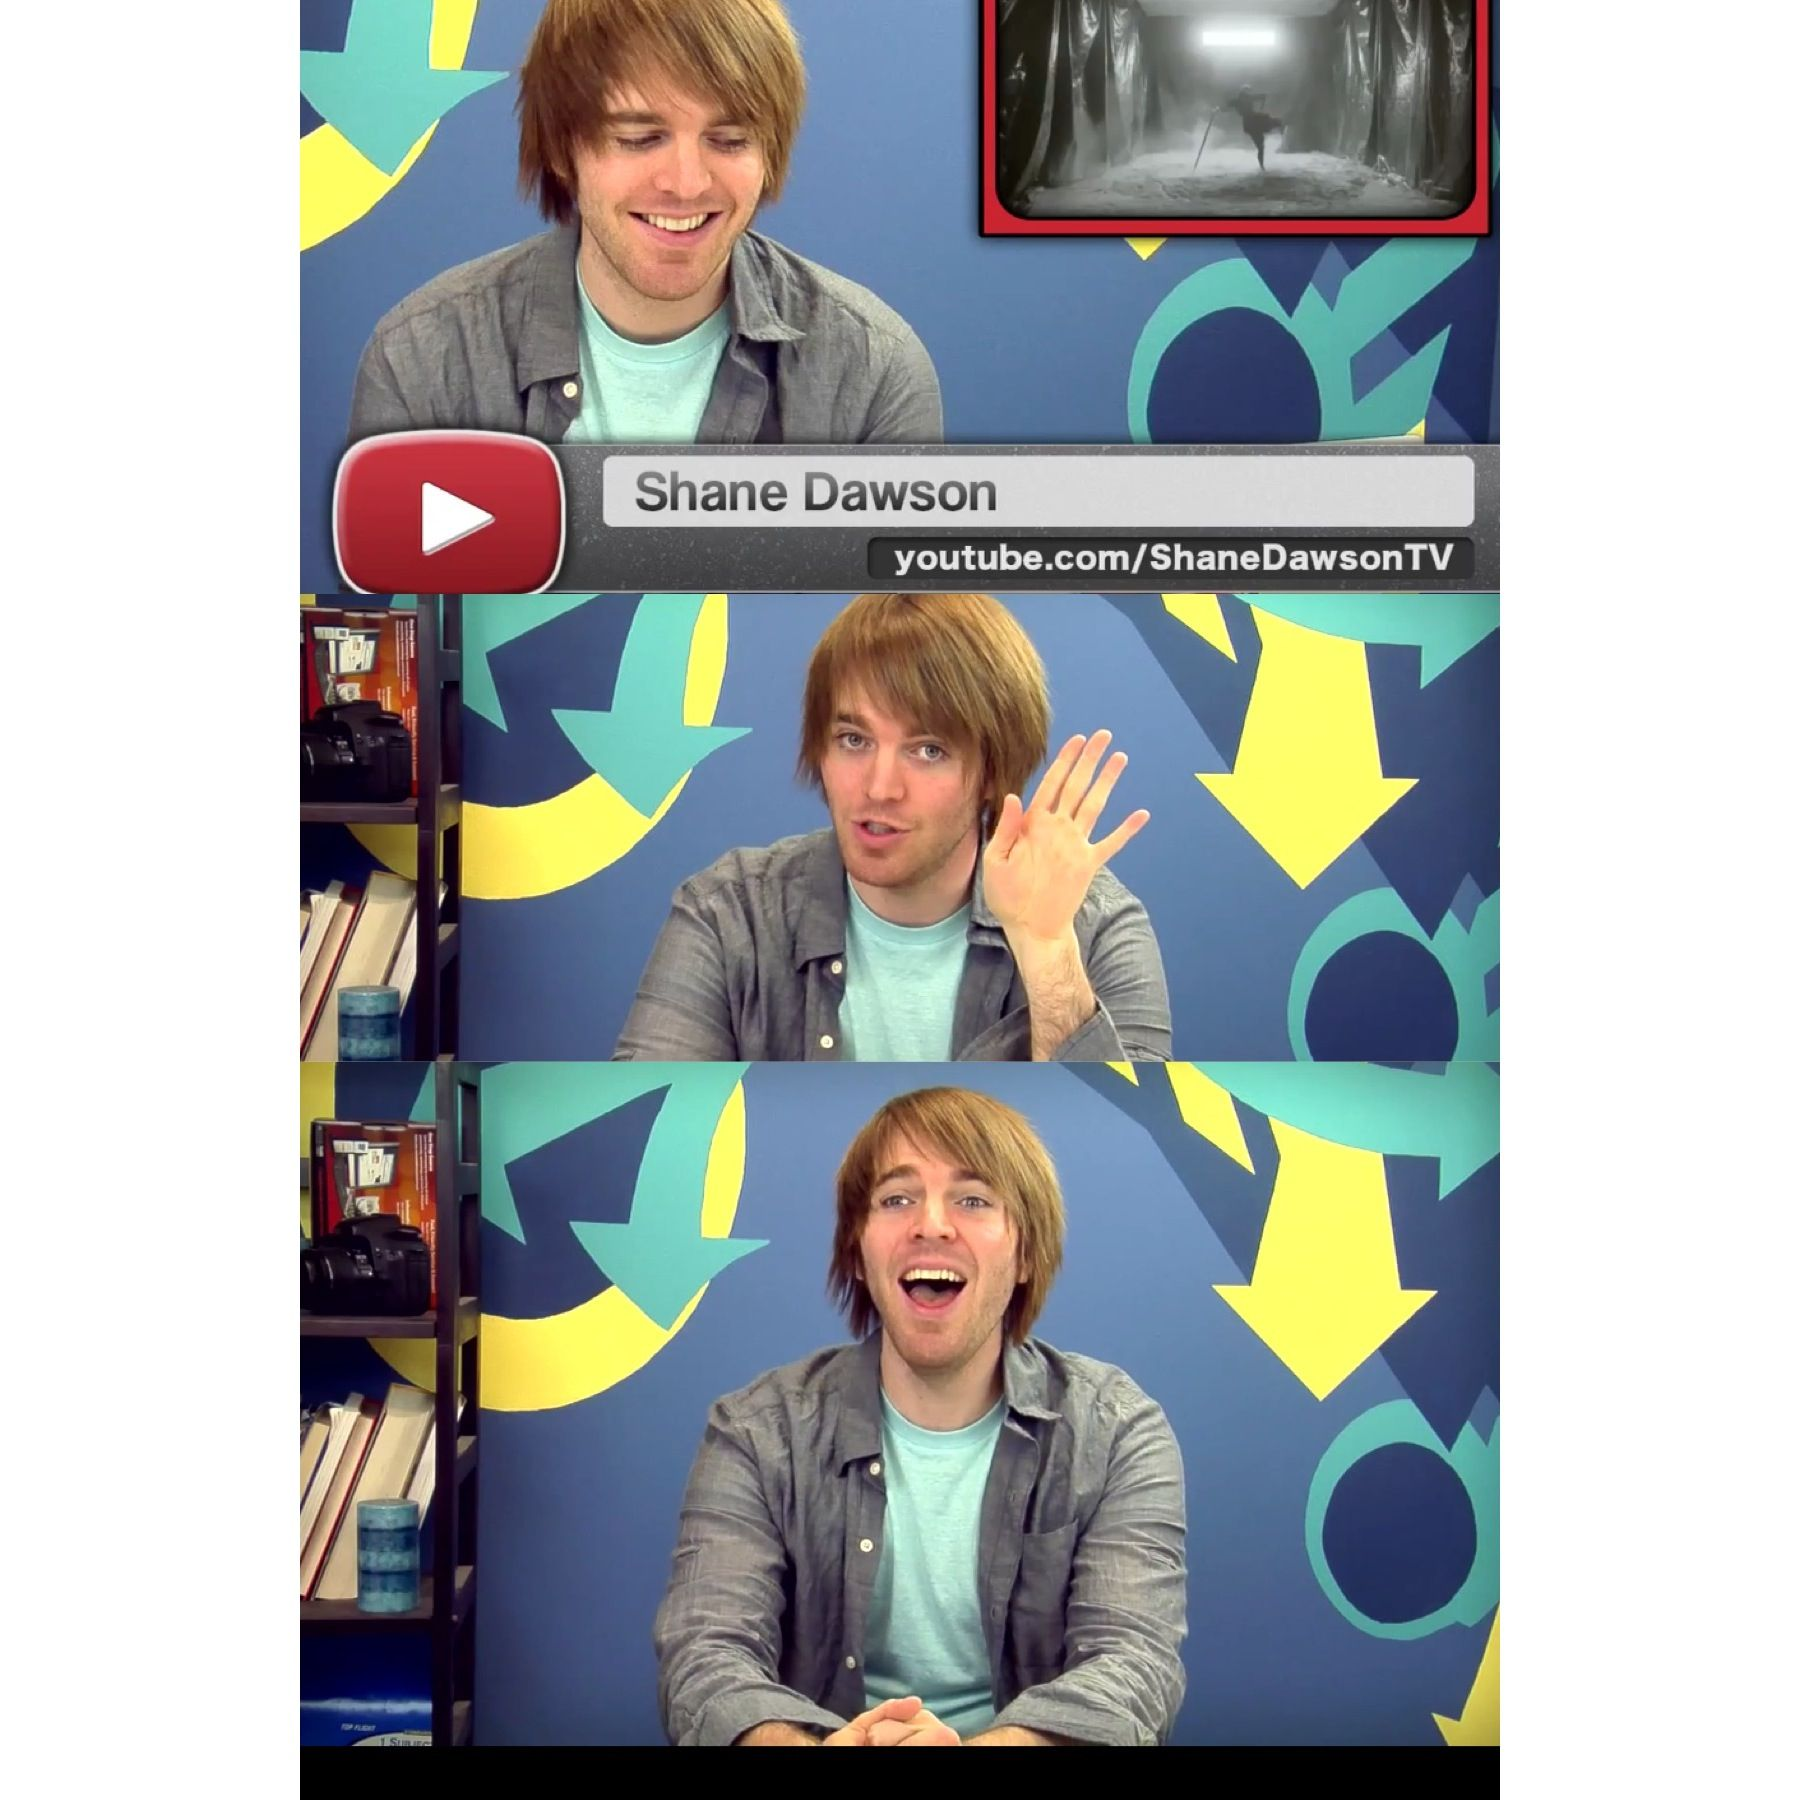 Shane Dawson, Youtube